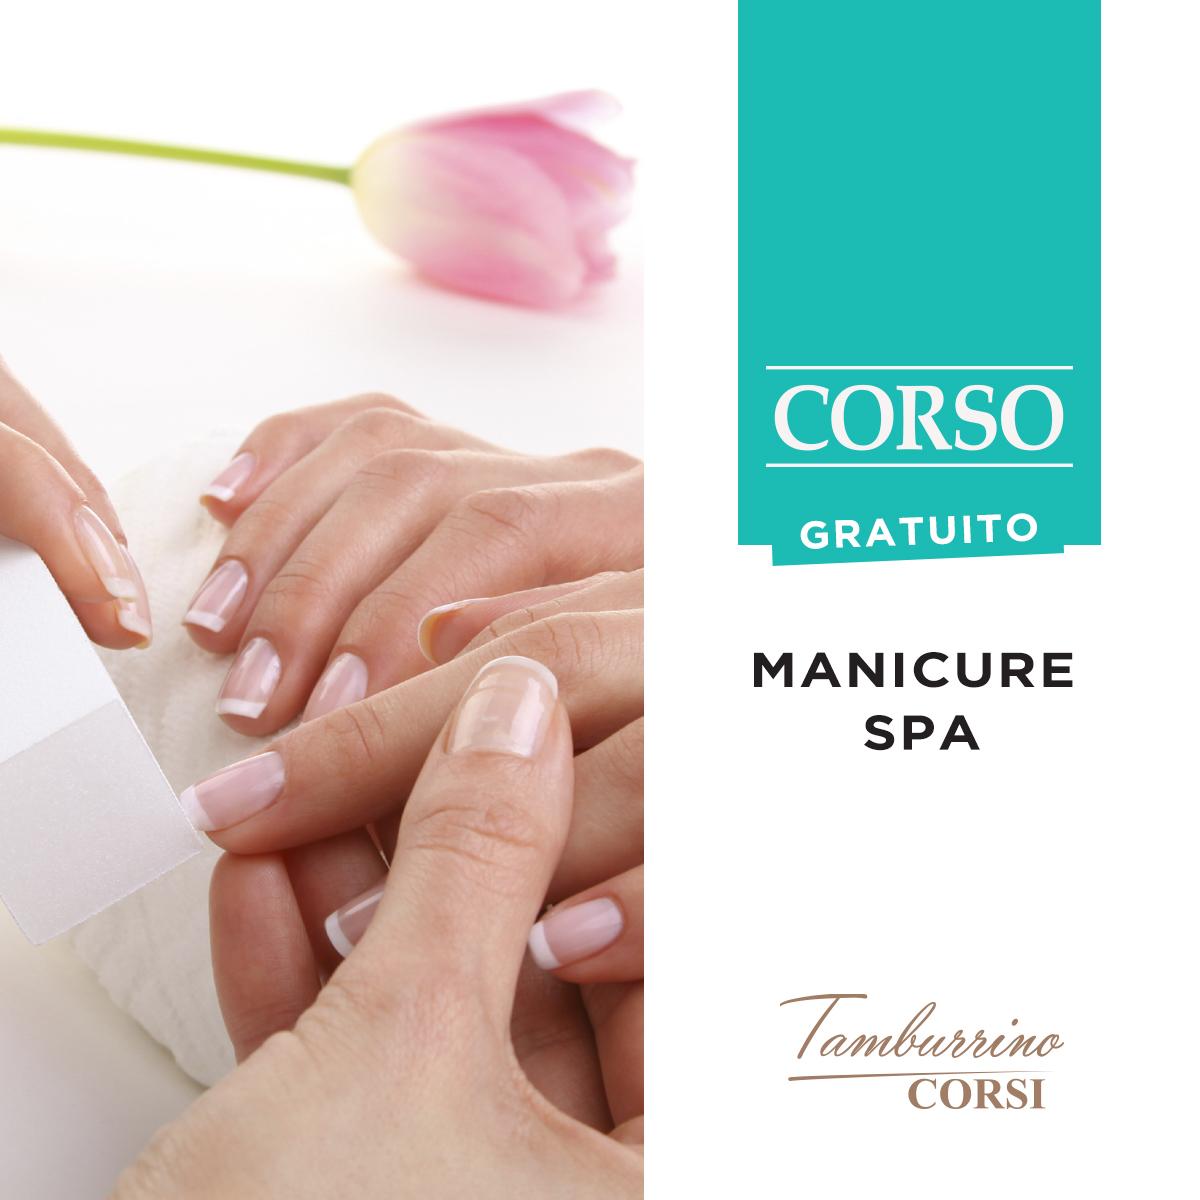 Corso Manicure Spa